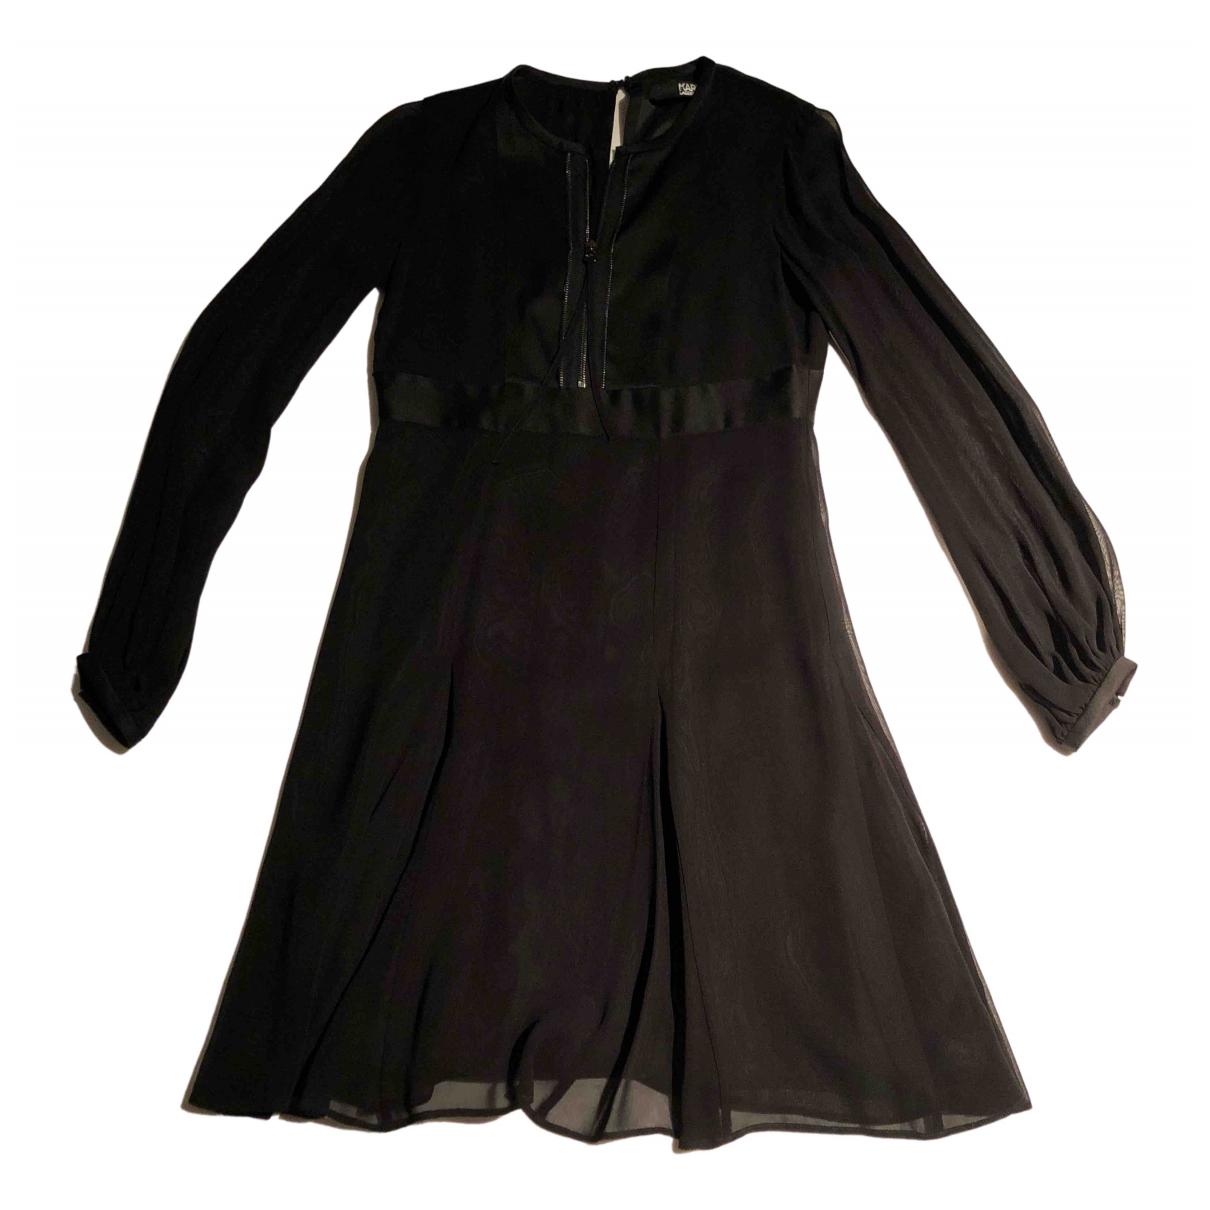 Karl Lagerfeld \N Black dress for Women 36 FR